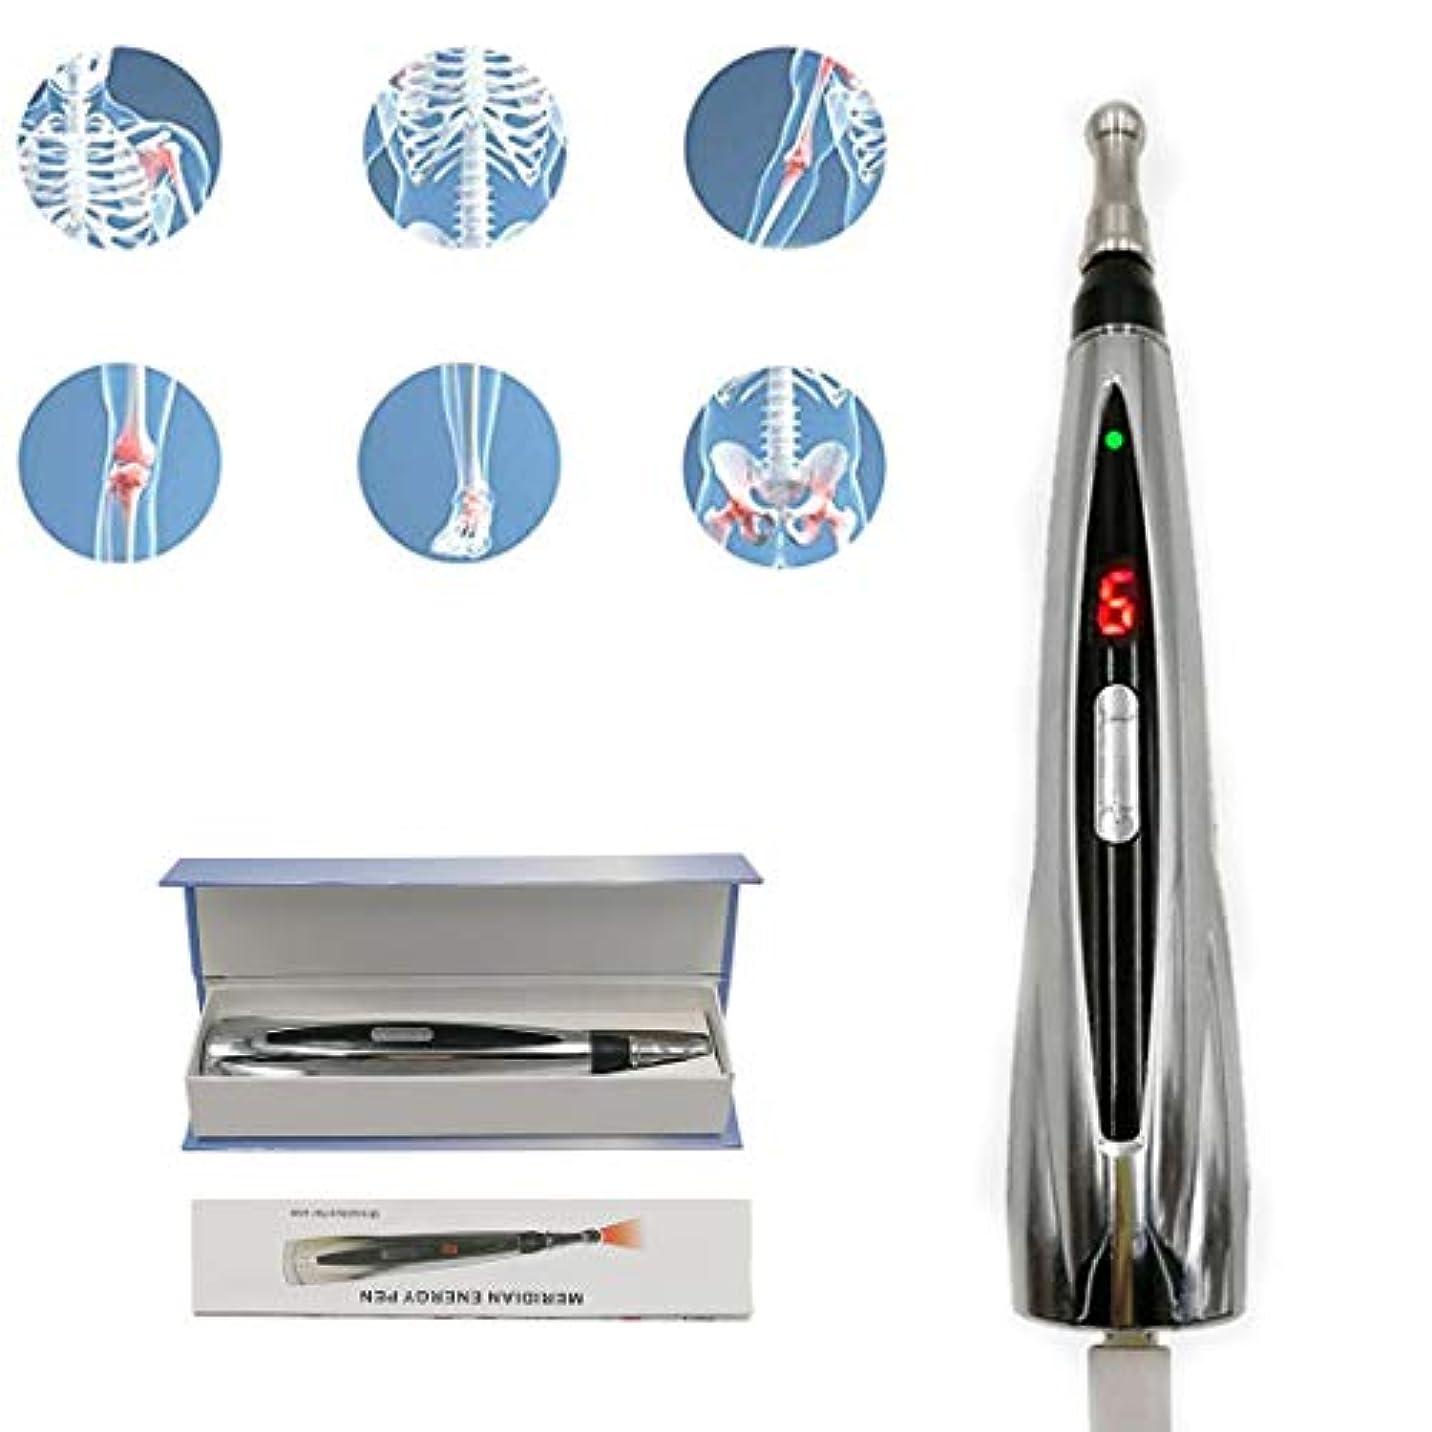 反論ミュウミュウ保険をかけるレーザーメリディアンペン、鍼治療用のUSB充電メリディアンペン痛みのポイント痛みのストレス緩和のために調整可能な9種類の力17.5cm * 3cmシルバー